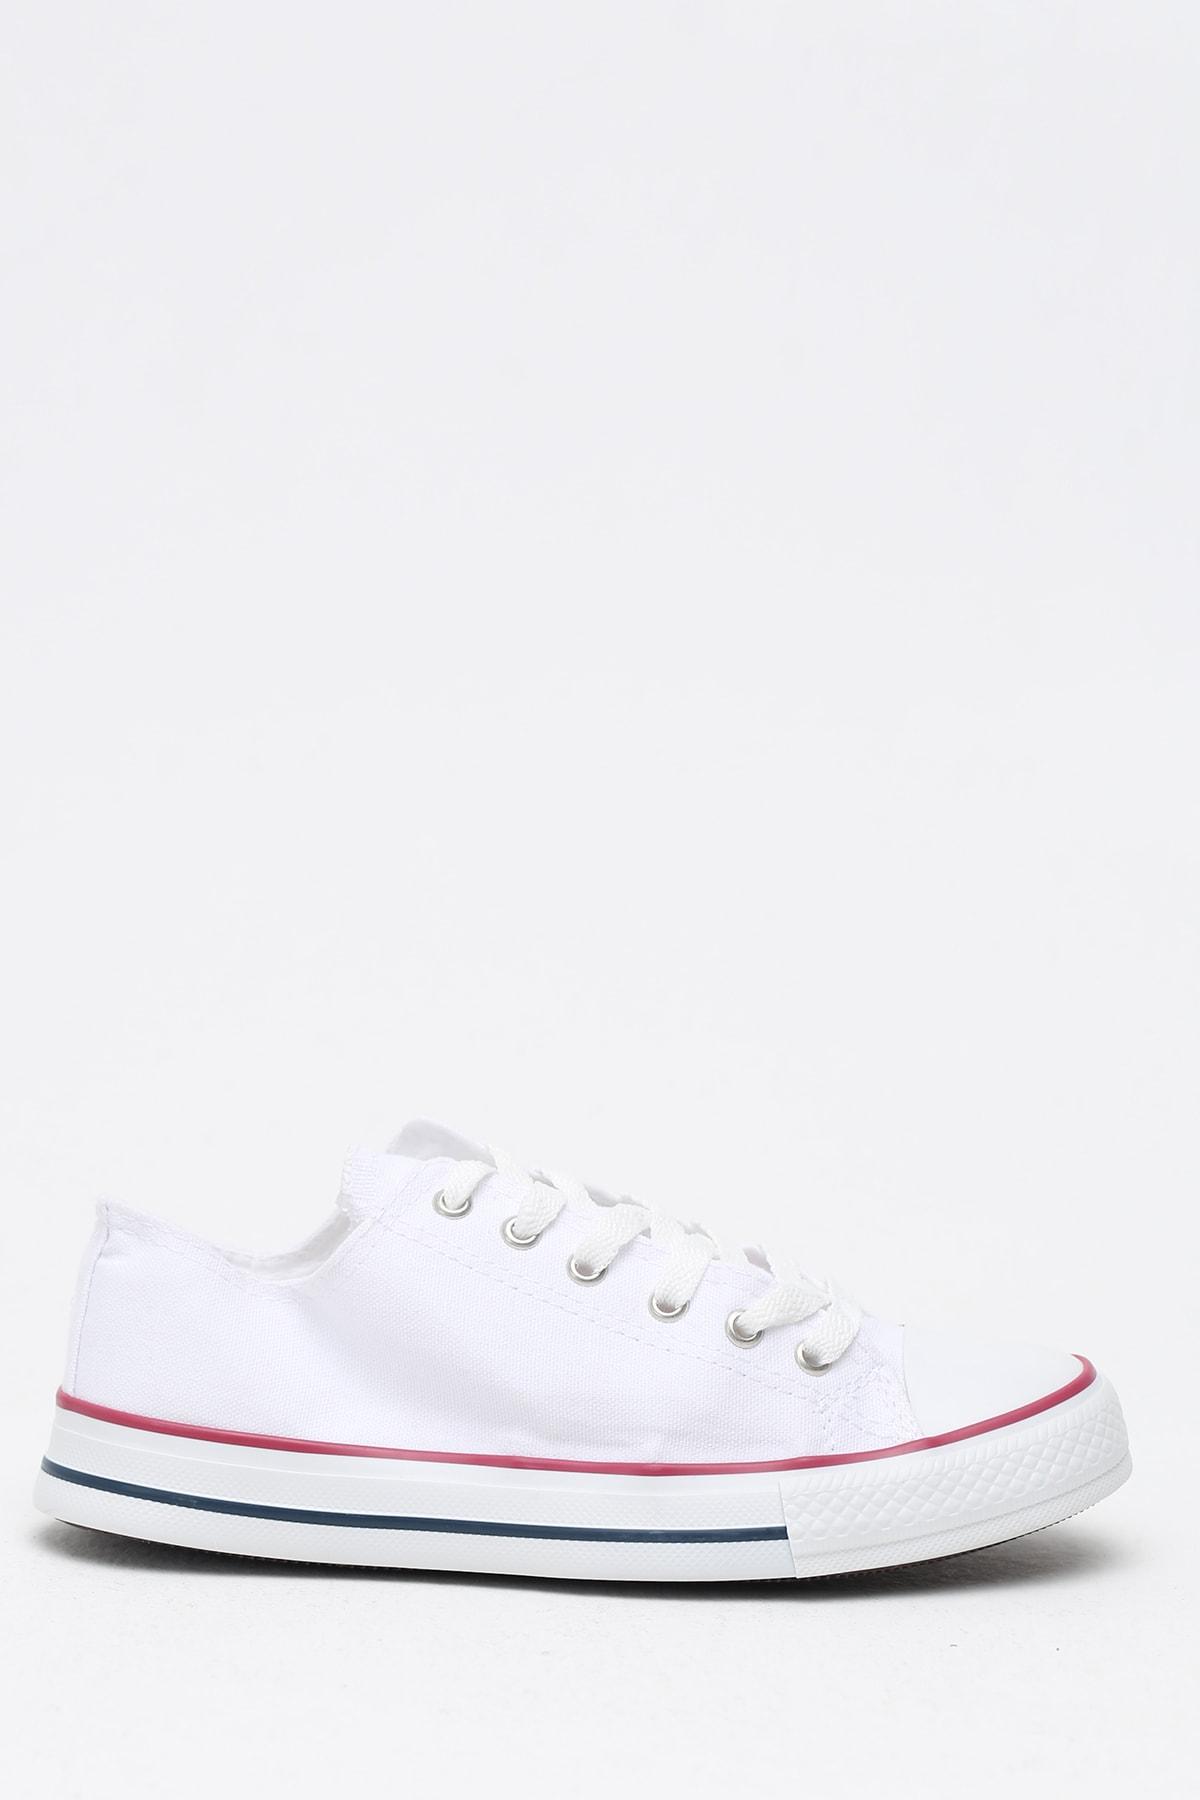 Ayakkabı Modası Beyaz Kırmızı Kadın Ayakkabı M9999-19-100165R 1